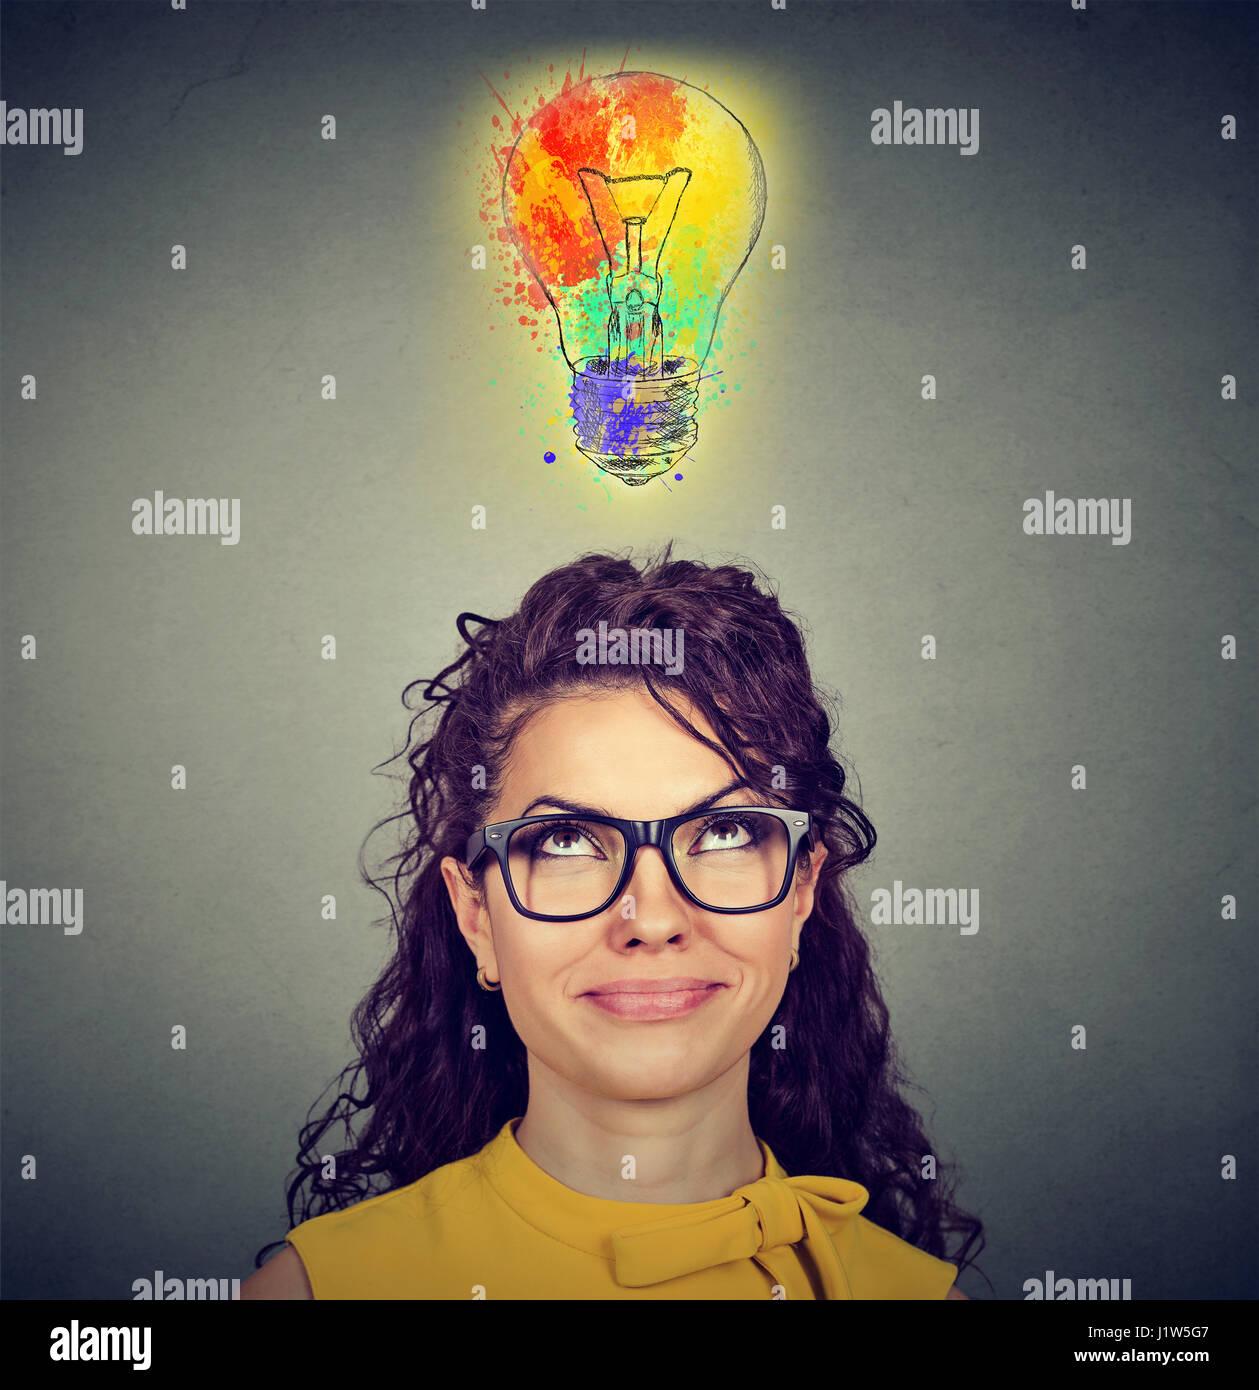 Ritratto di una donna con gli occhiali e idea creativa alla ricerca fino a luce colorata lampadina sul muro grigio Immagini Stock